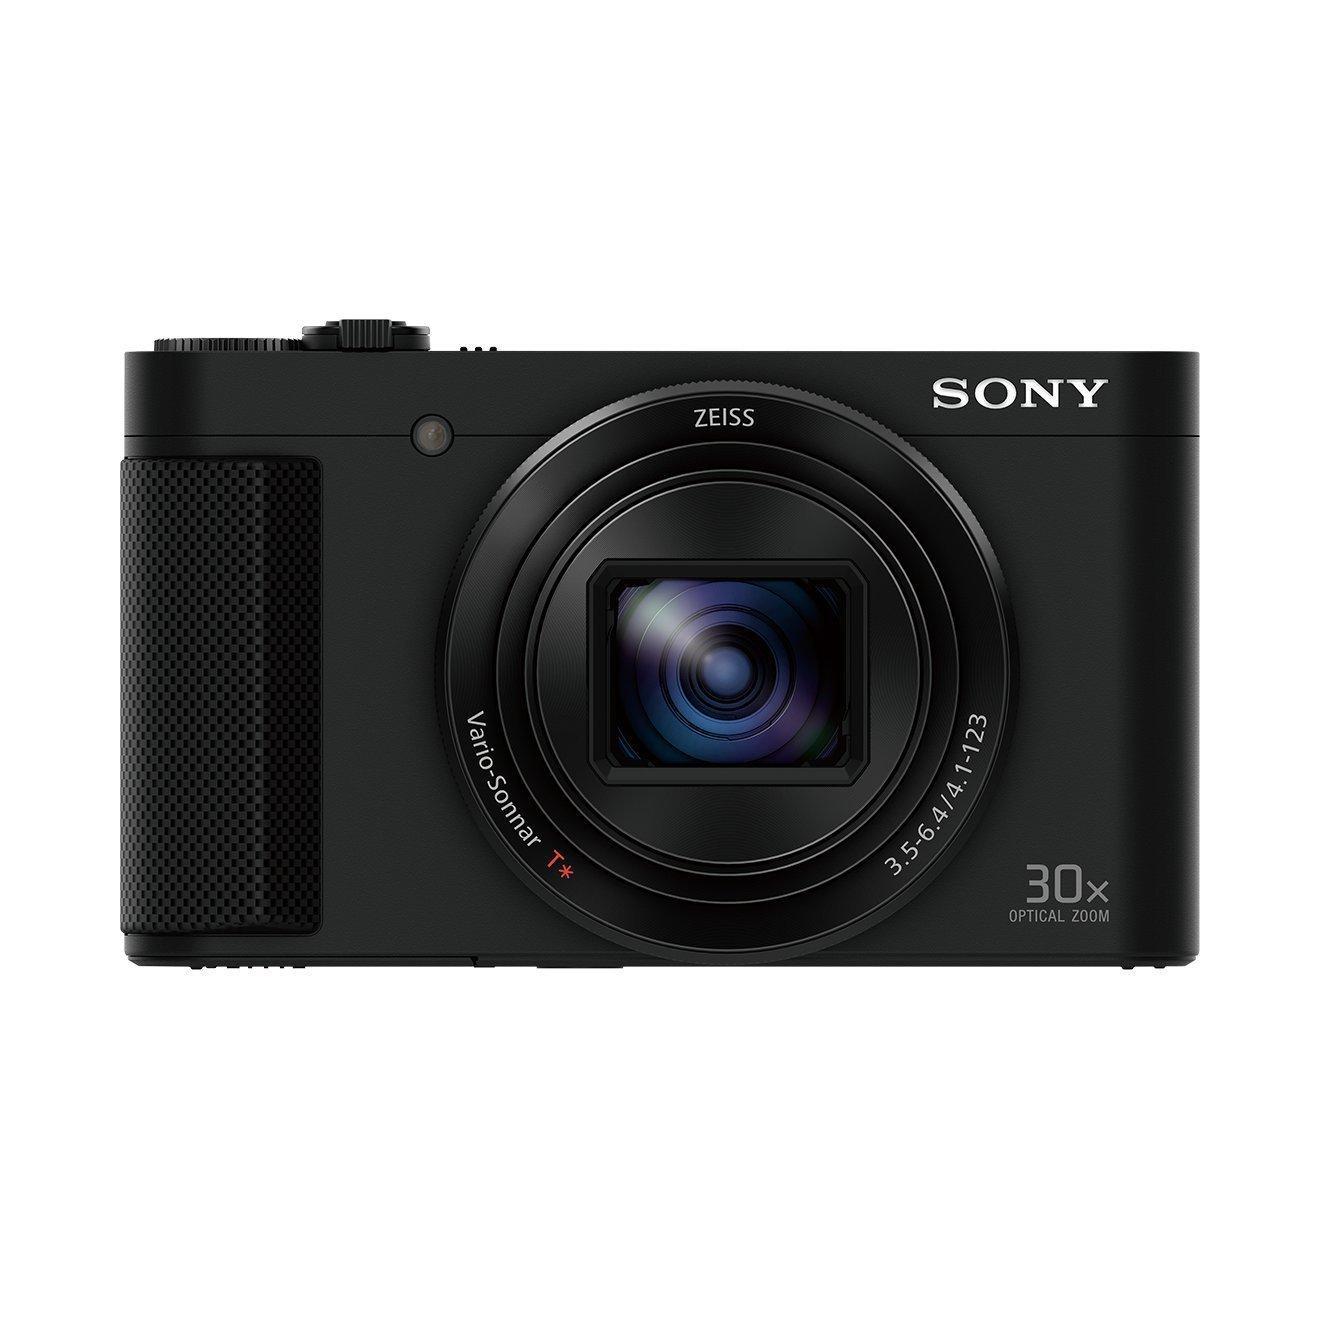 Appareil photo Sony DSC-HX90 - Noir (+ 20€ en cartes cadeau)